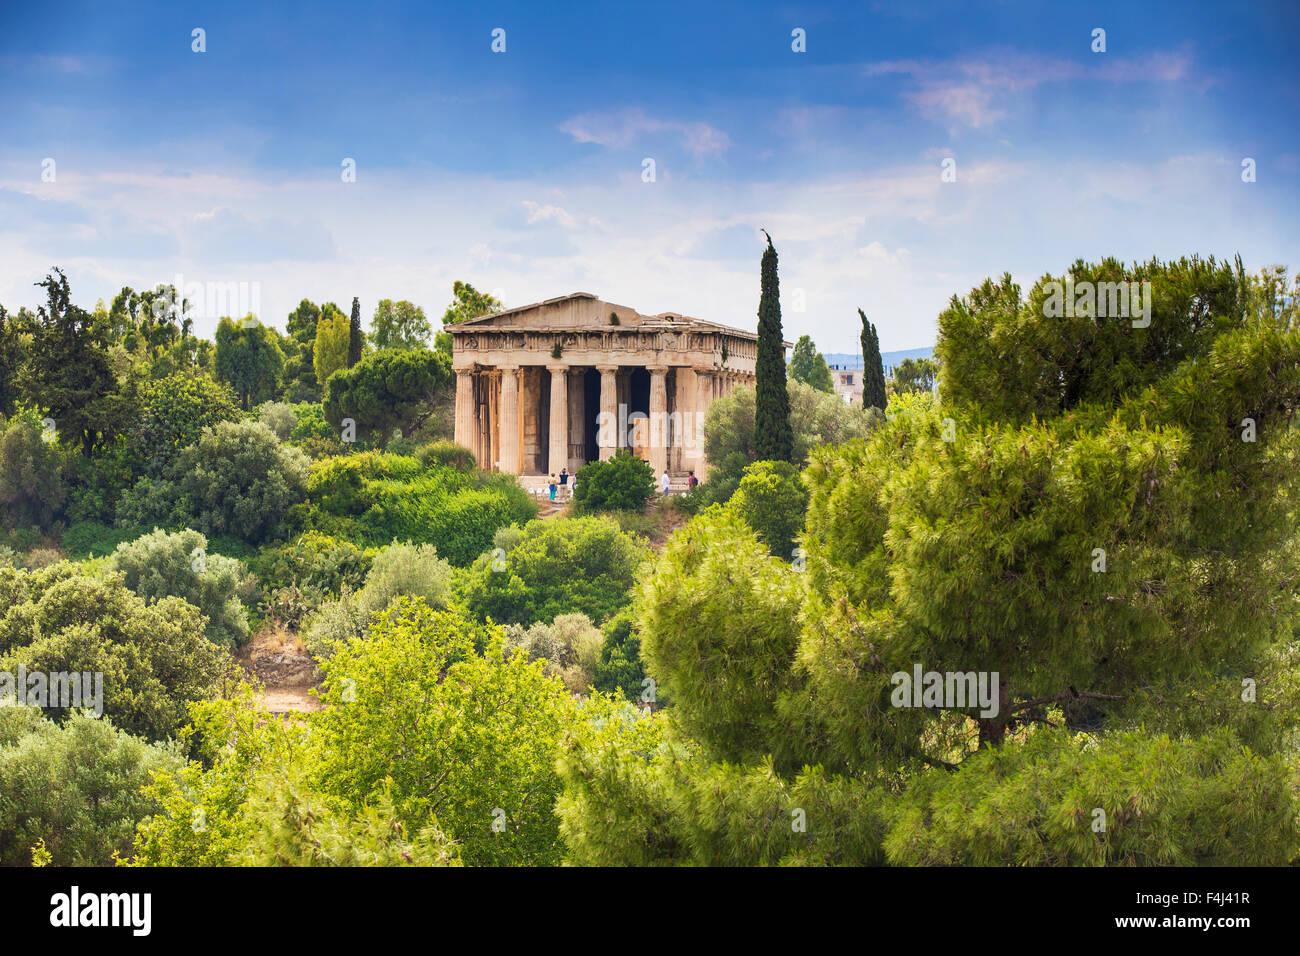 Temple of Hephaestus, The Agora, Athens, Greece, Europe Stock Photo